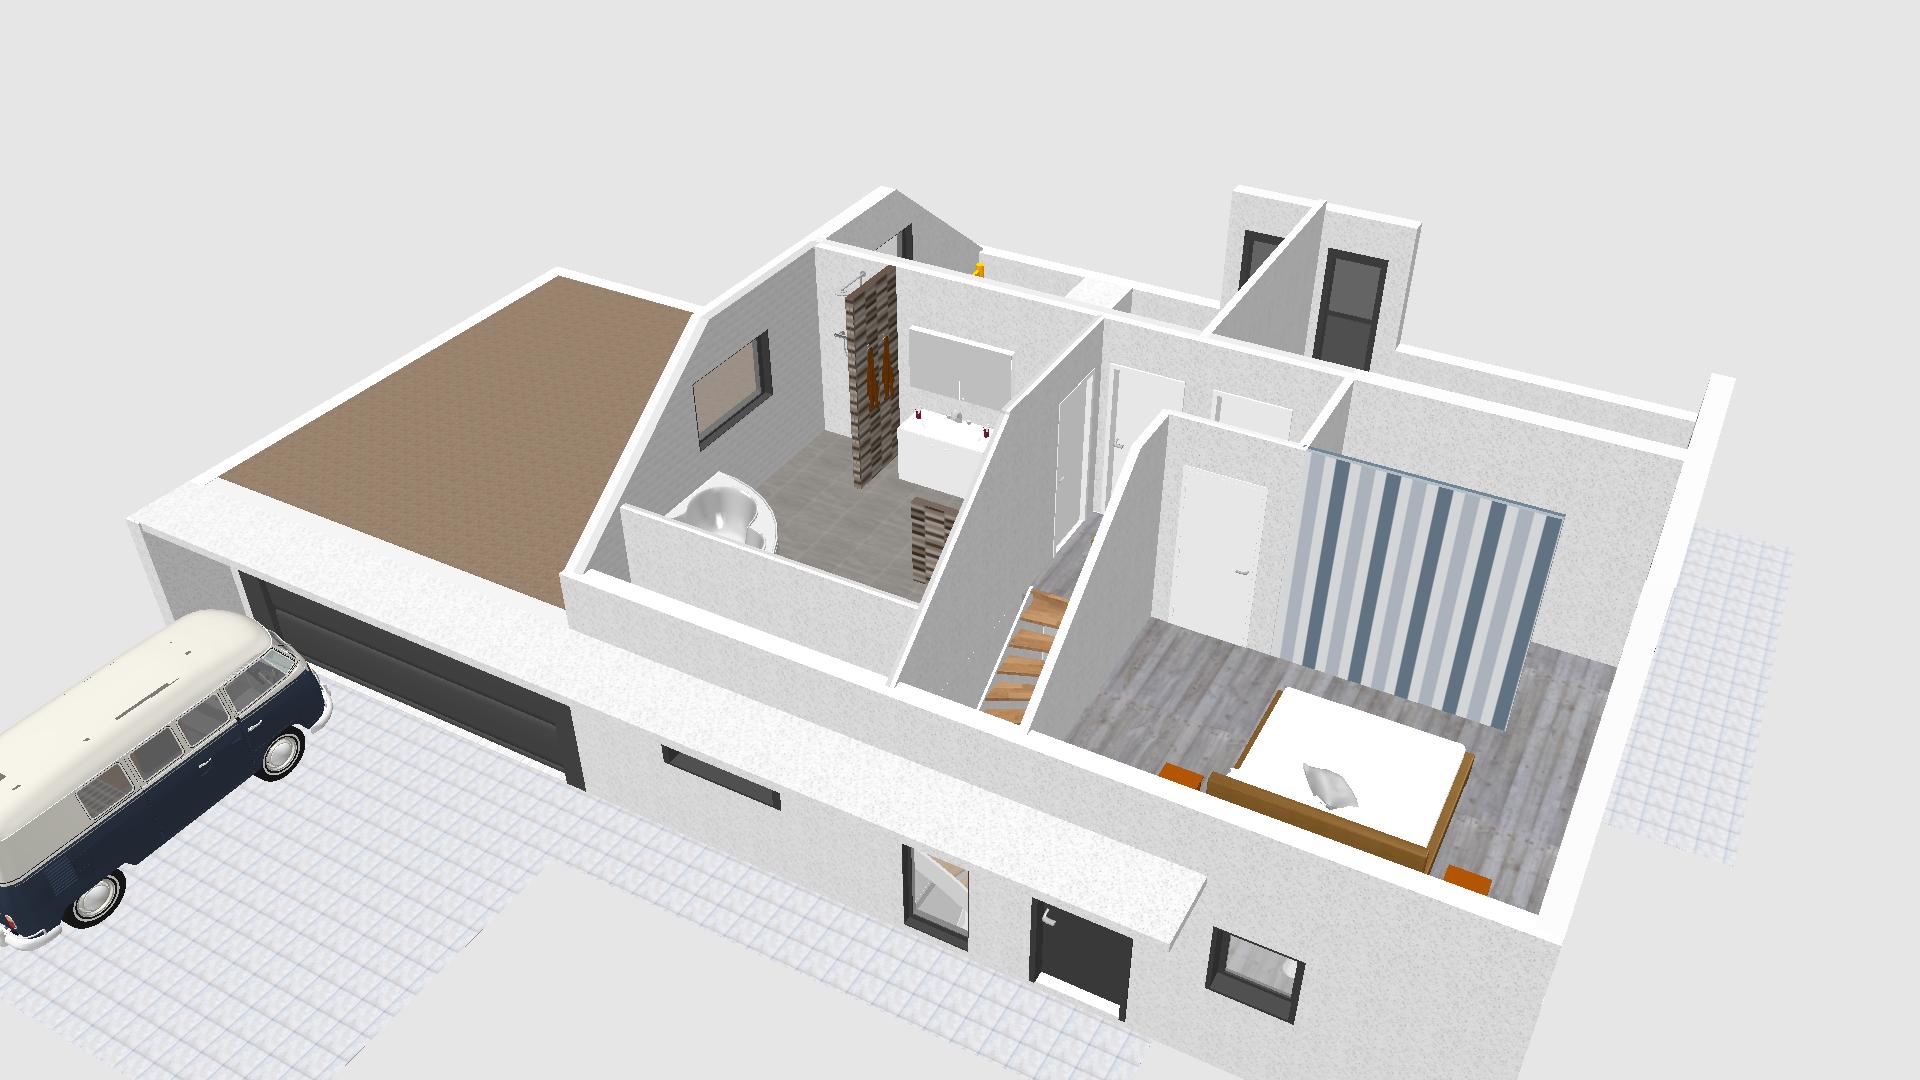 sweet home 3d erster entwurf yet another baublog. Black Bedroom Furniture Sets. Home Design Ideas